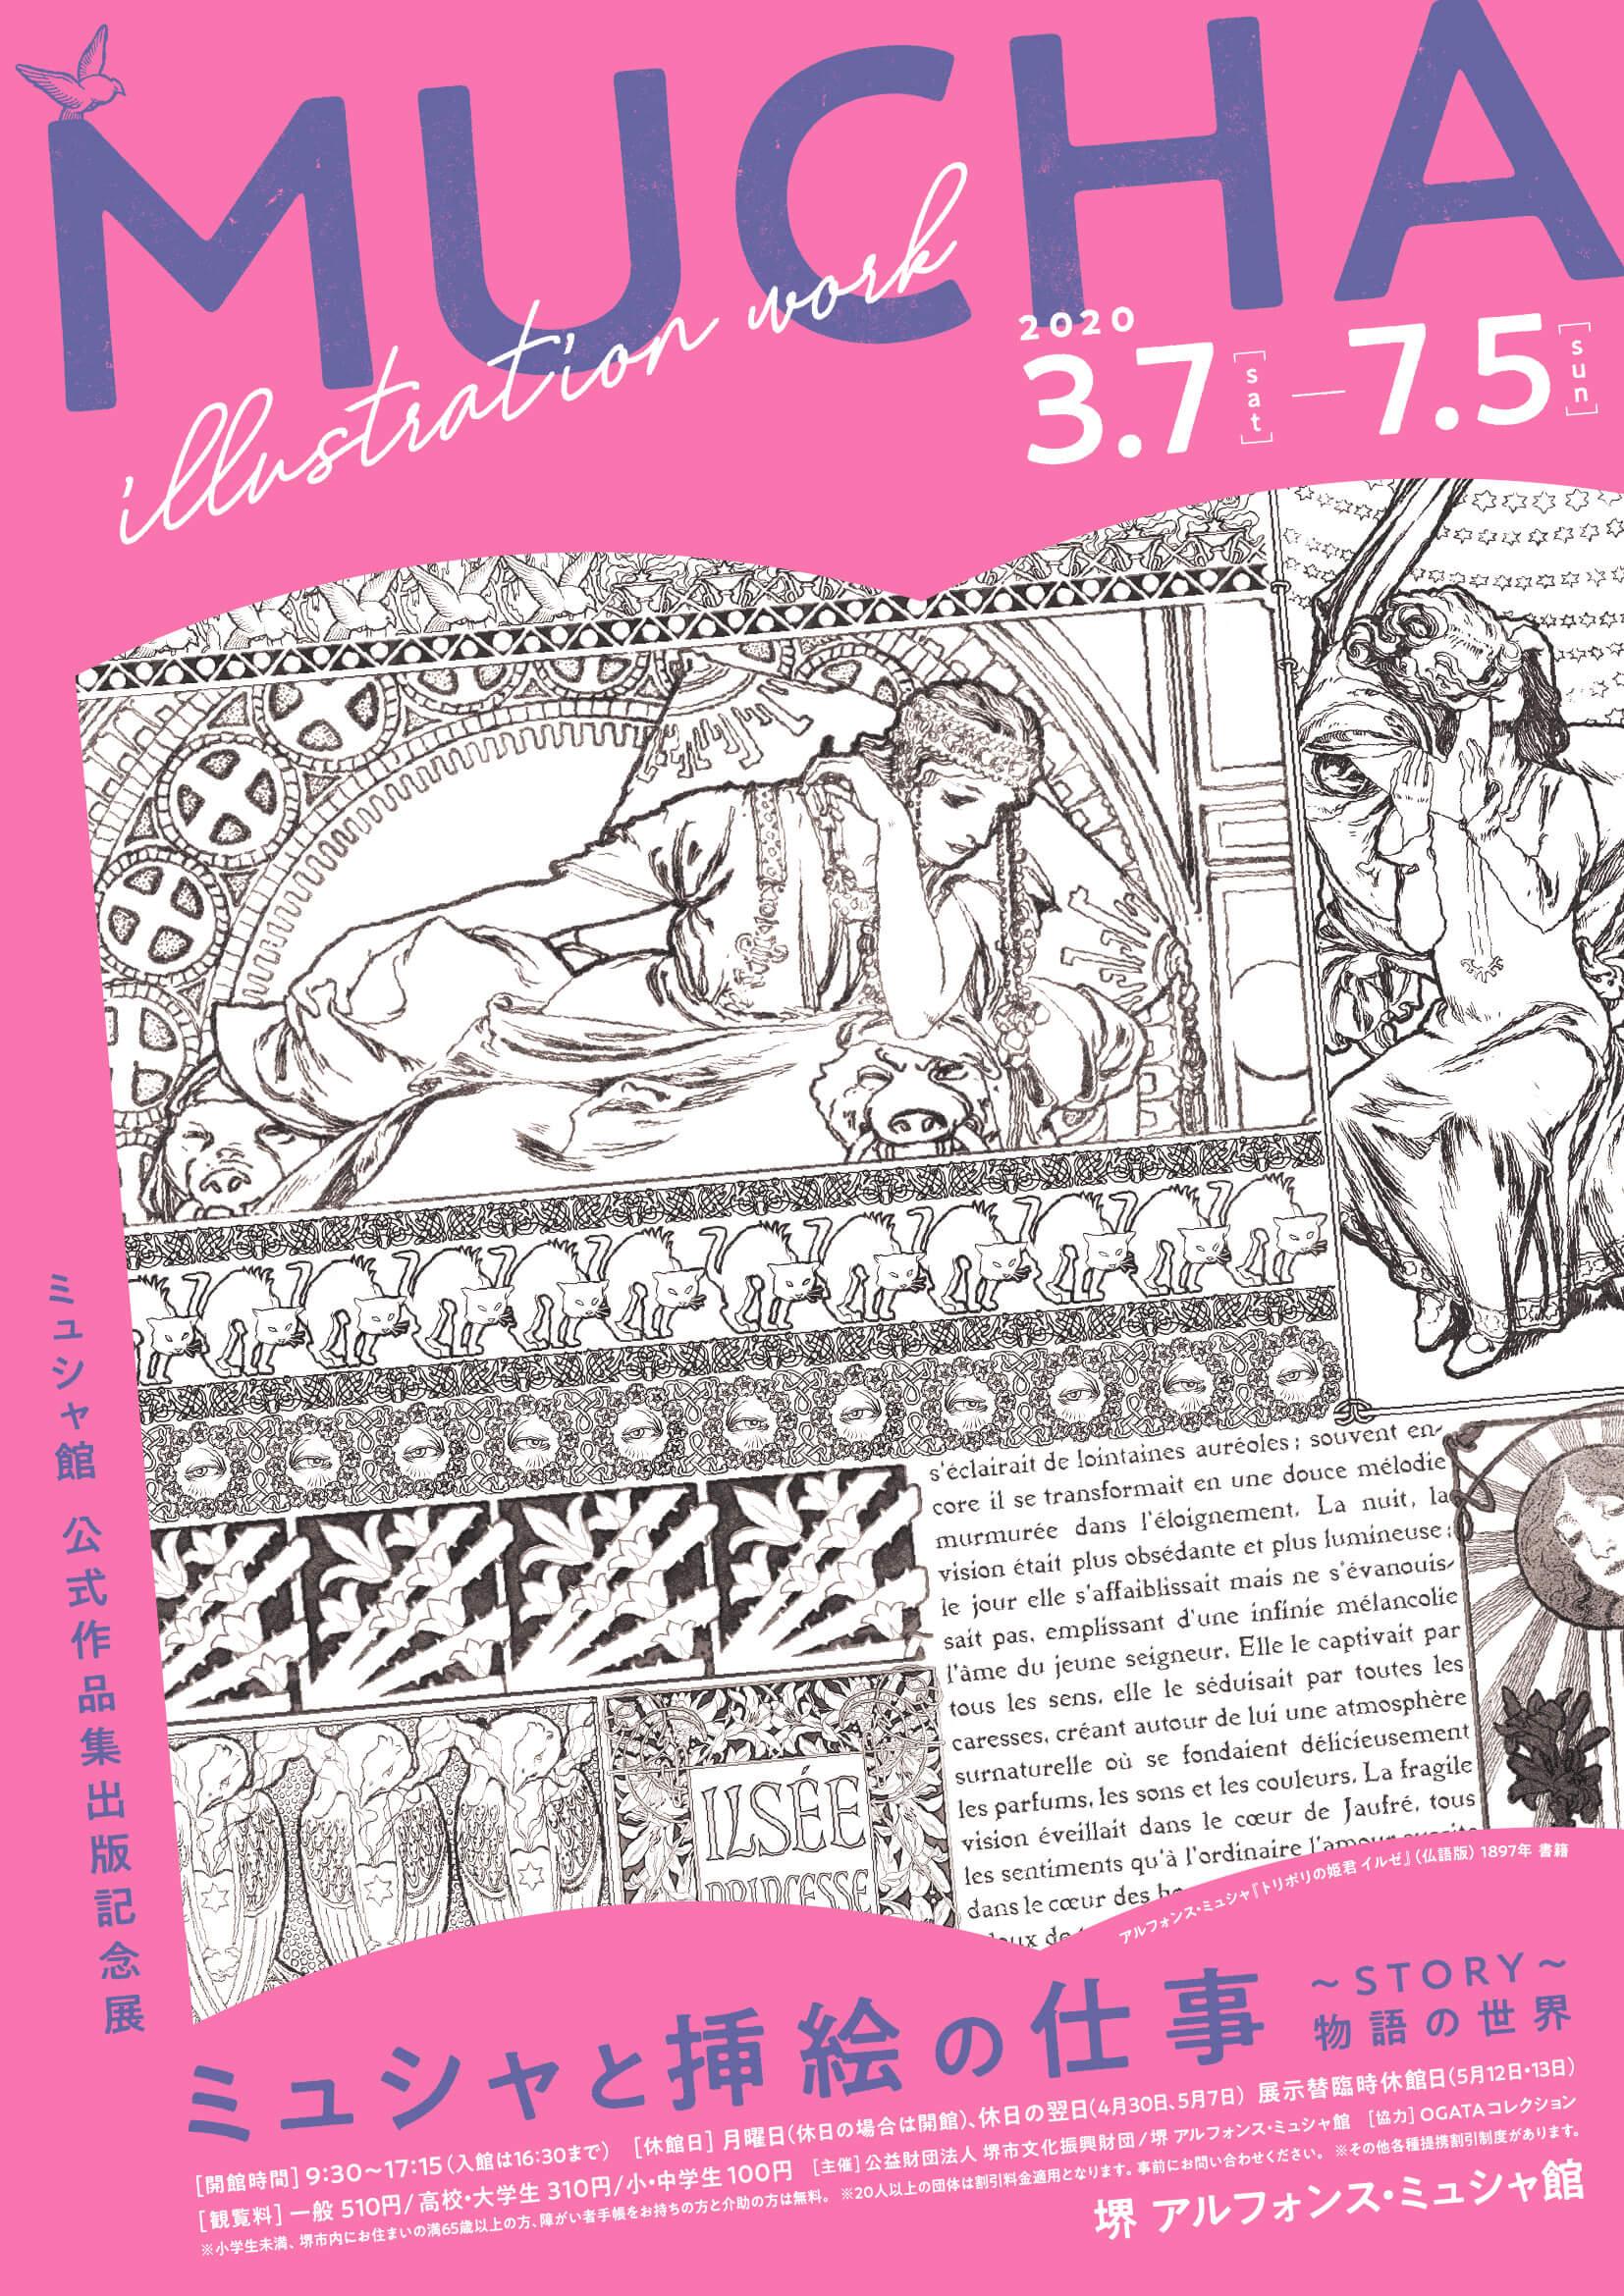 ミュシャ館 公式作品集出版記念展 ミュシャと挿絵の仕事~STORY~物語の世界